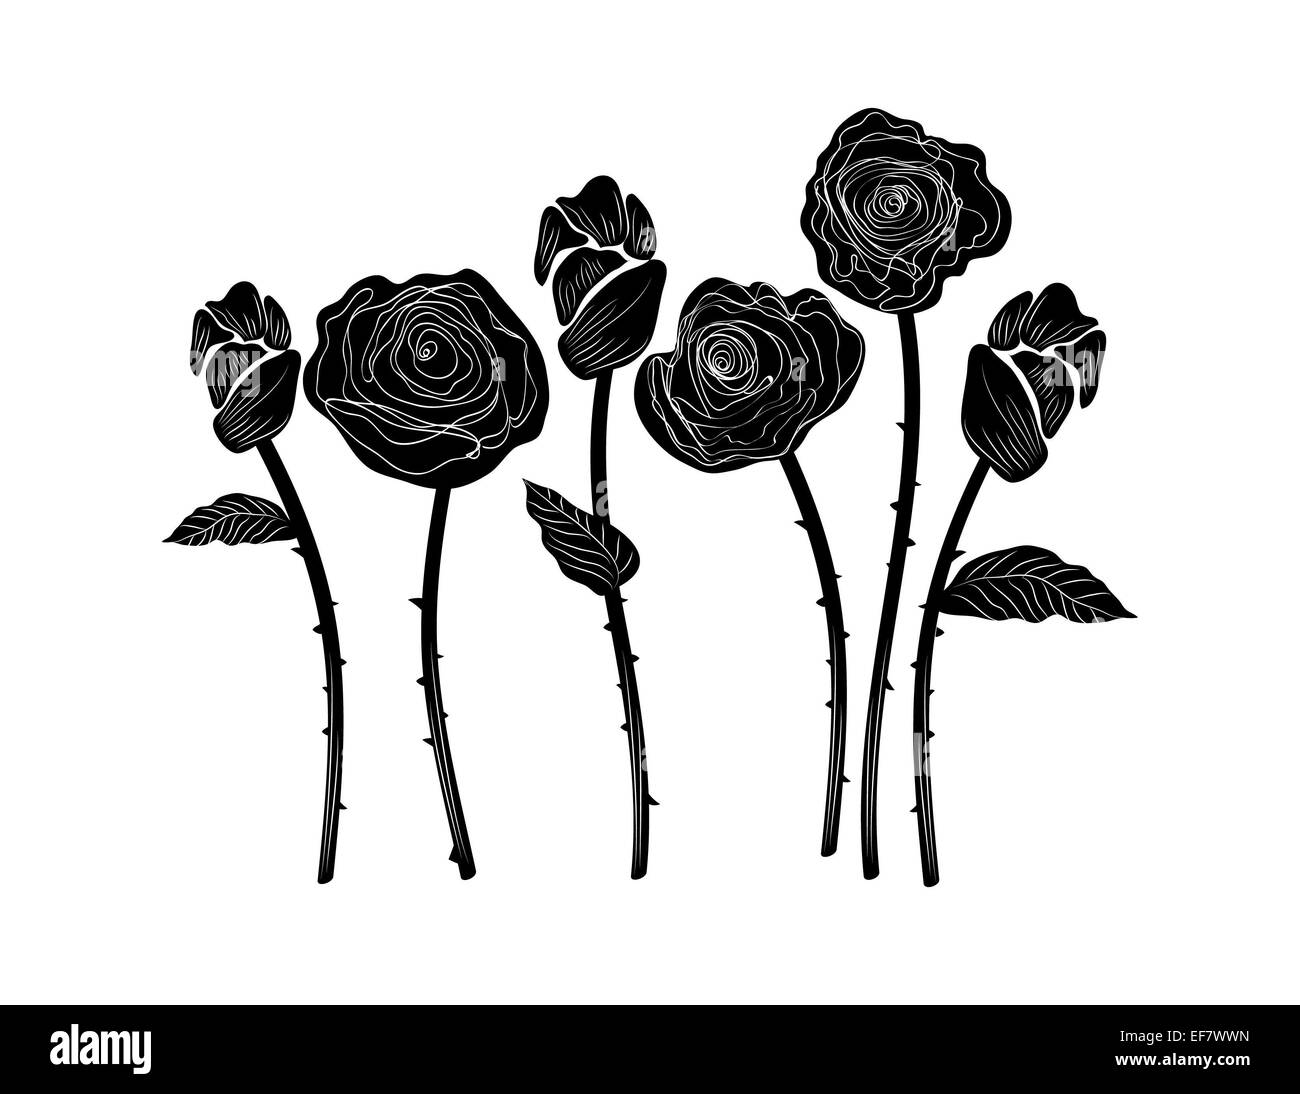 Elegante In Bianco E Nero Illustrazione Di Sei Bellissime Rose Con